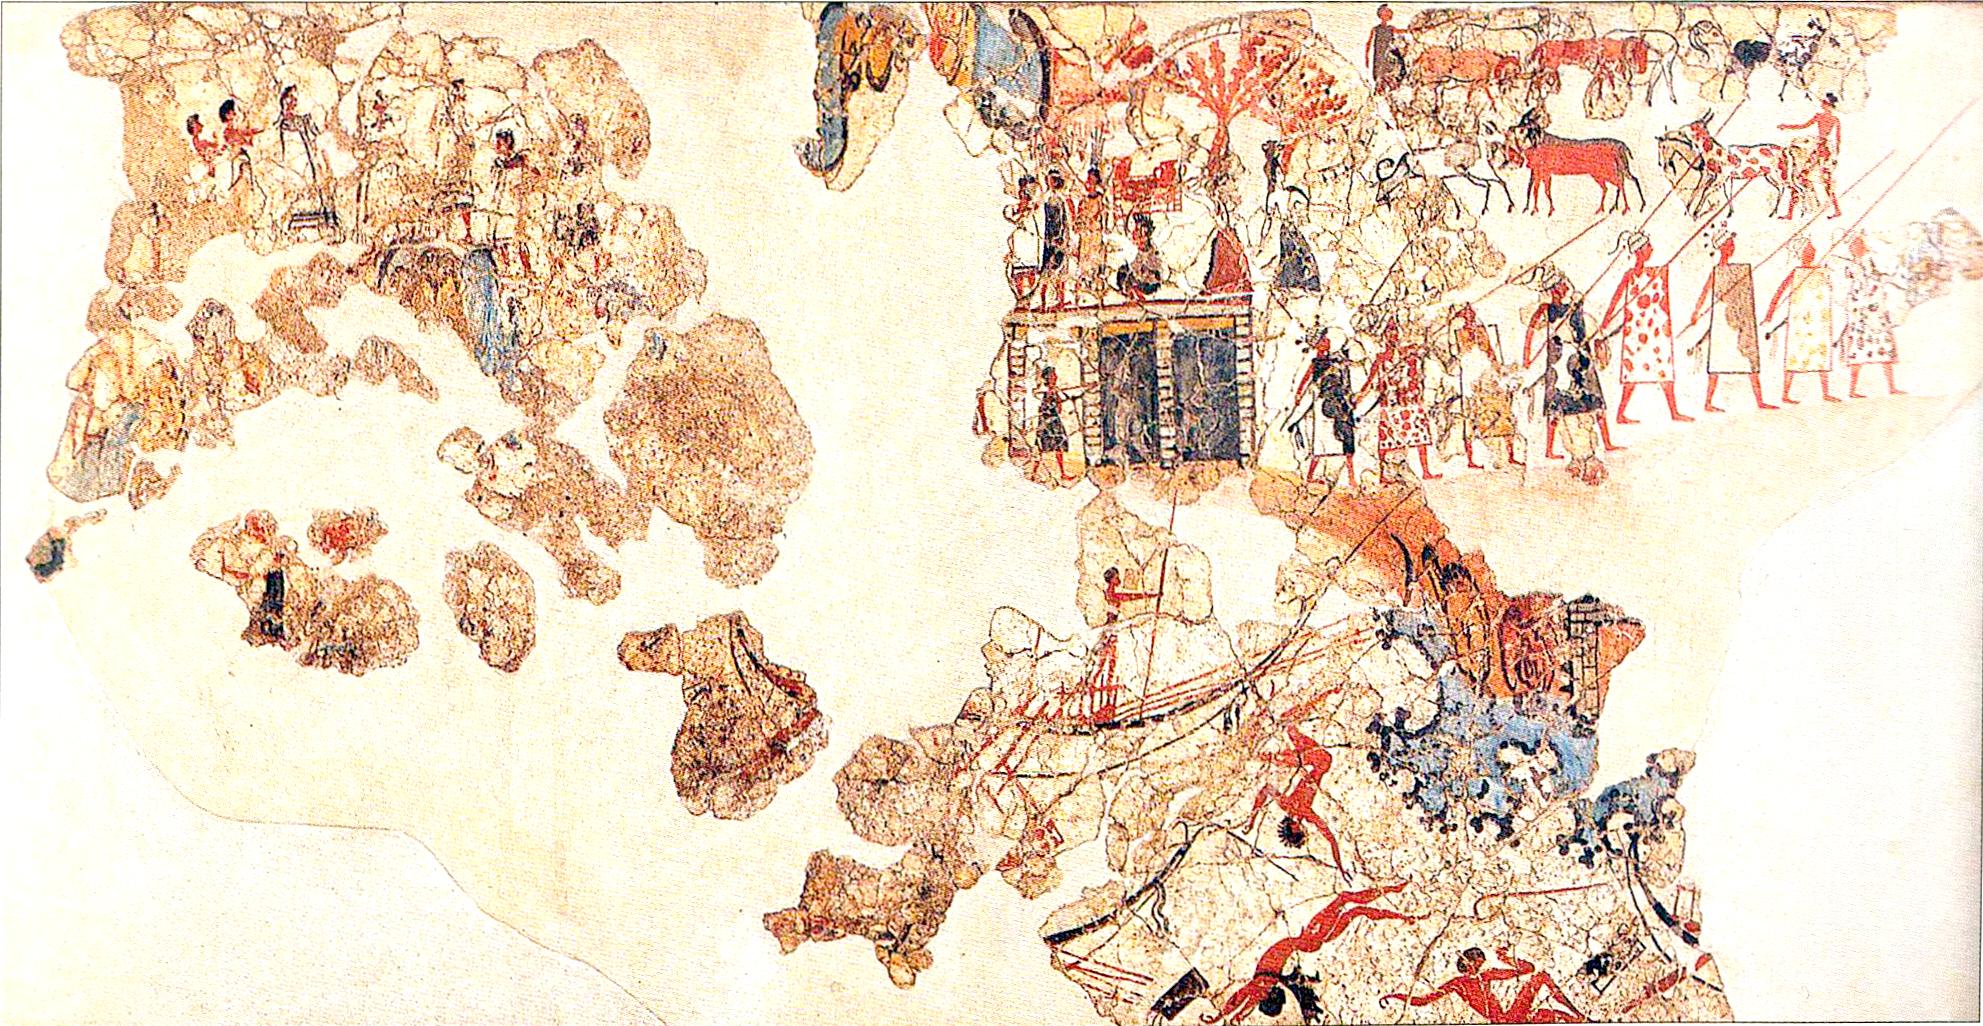 httpsuploadwikimediaorgwikipediacommonsdd0Akrotiri_fresco_shipwreckpng